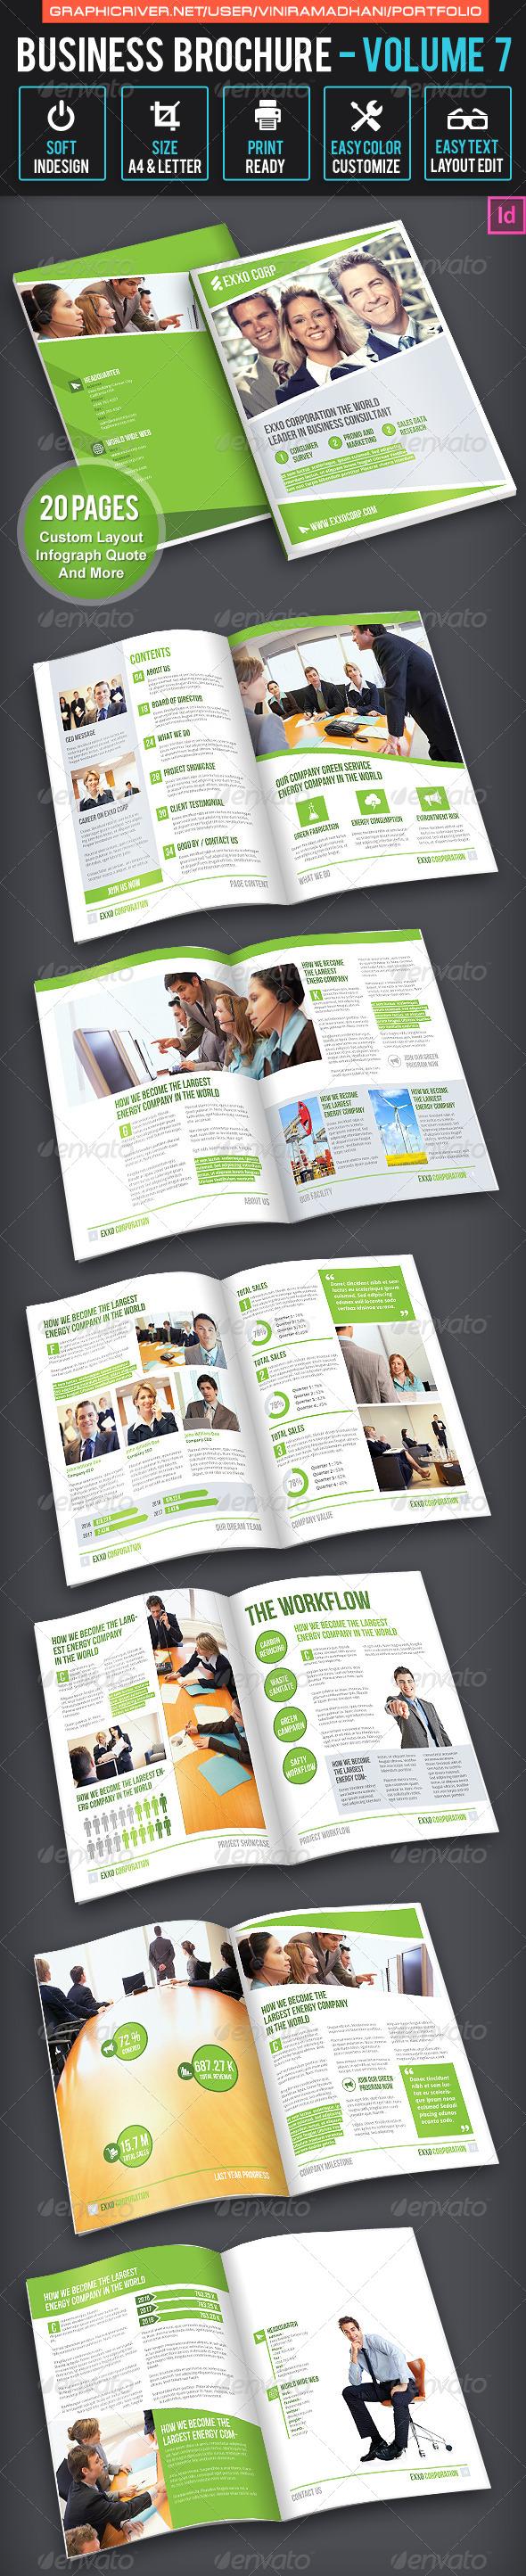 Business Brochure | Volume 7 - Corporate Brochures